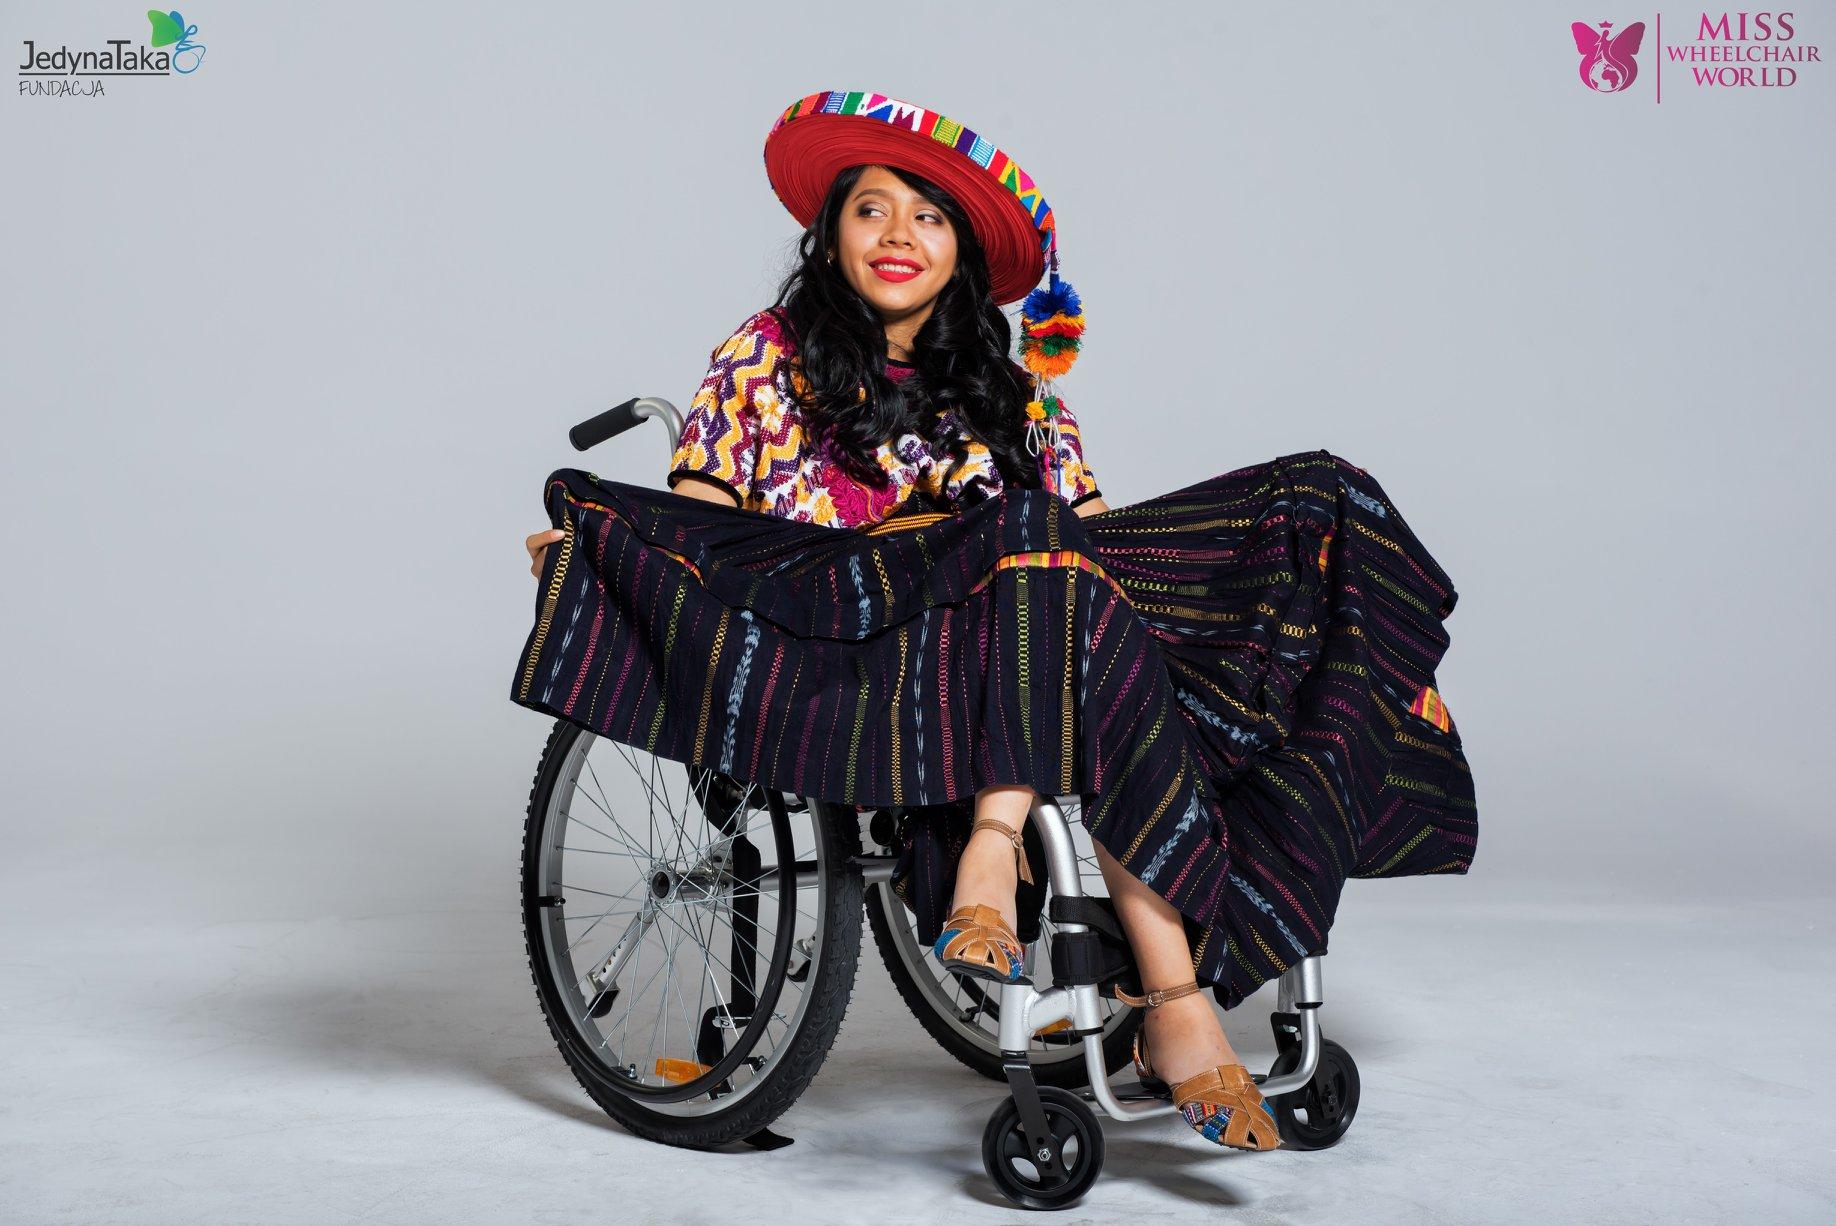 certamen inclusivo para mujeres en silla de ruedas